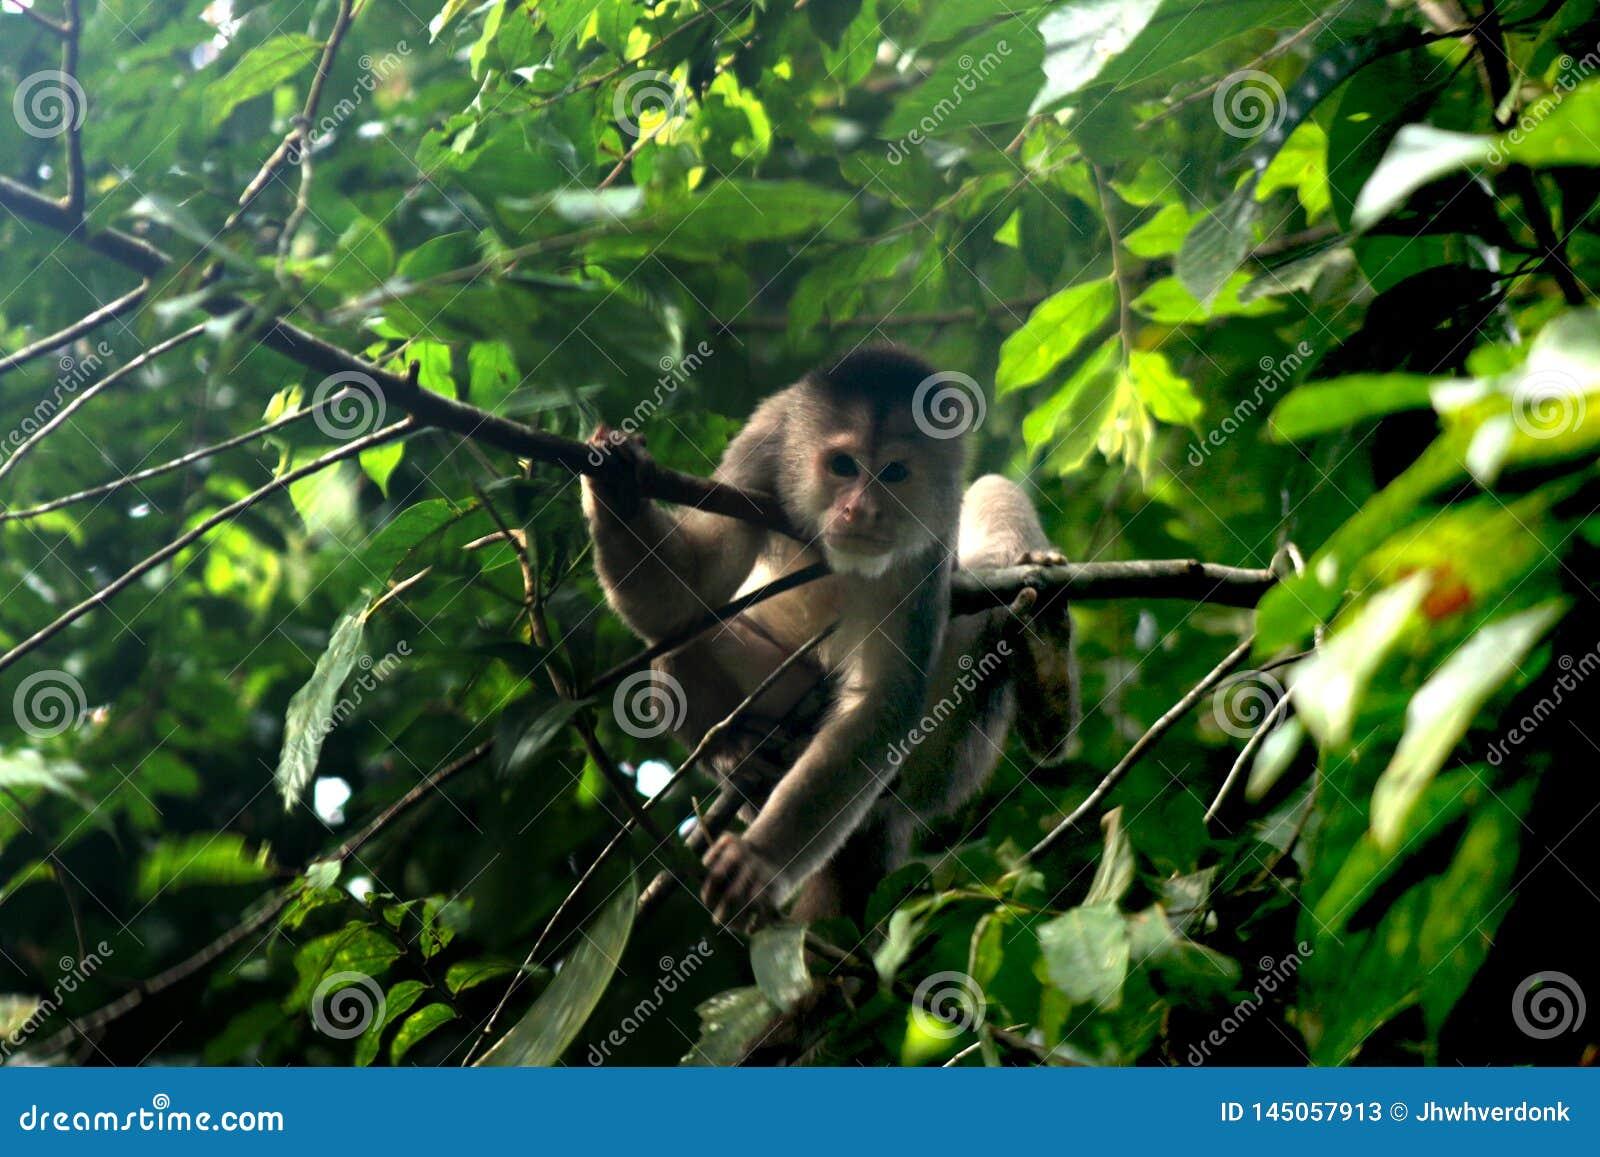 Wilde capuchin aap, cebus die albifrons, tussen bladeren in de wildernis of tropisch regenwoud ontspannen